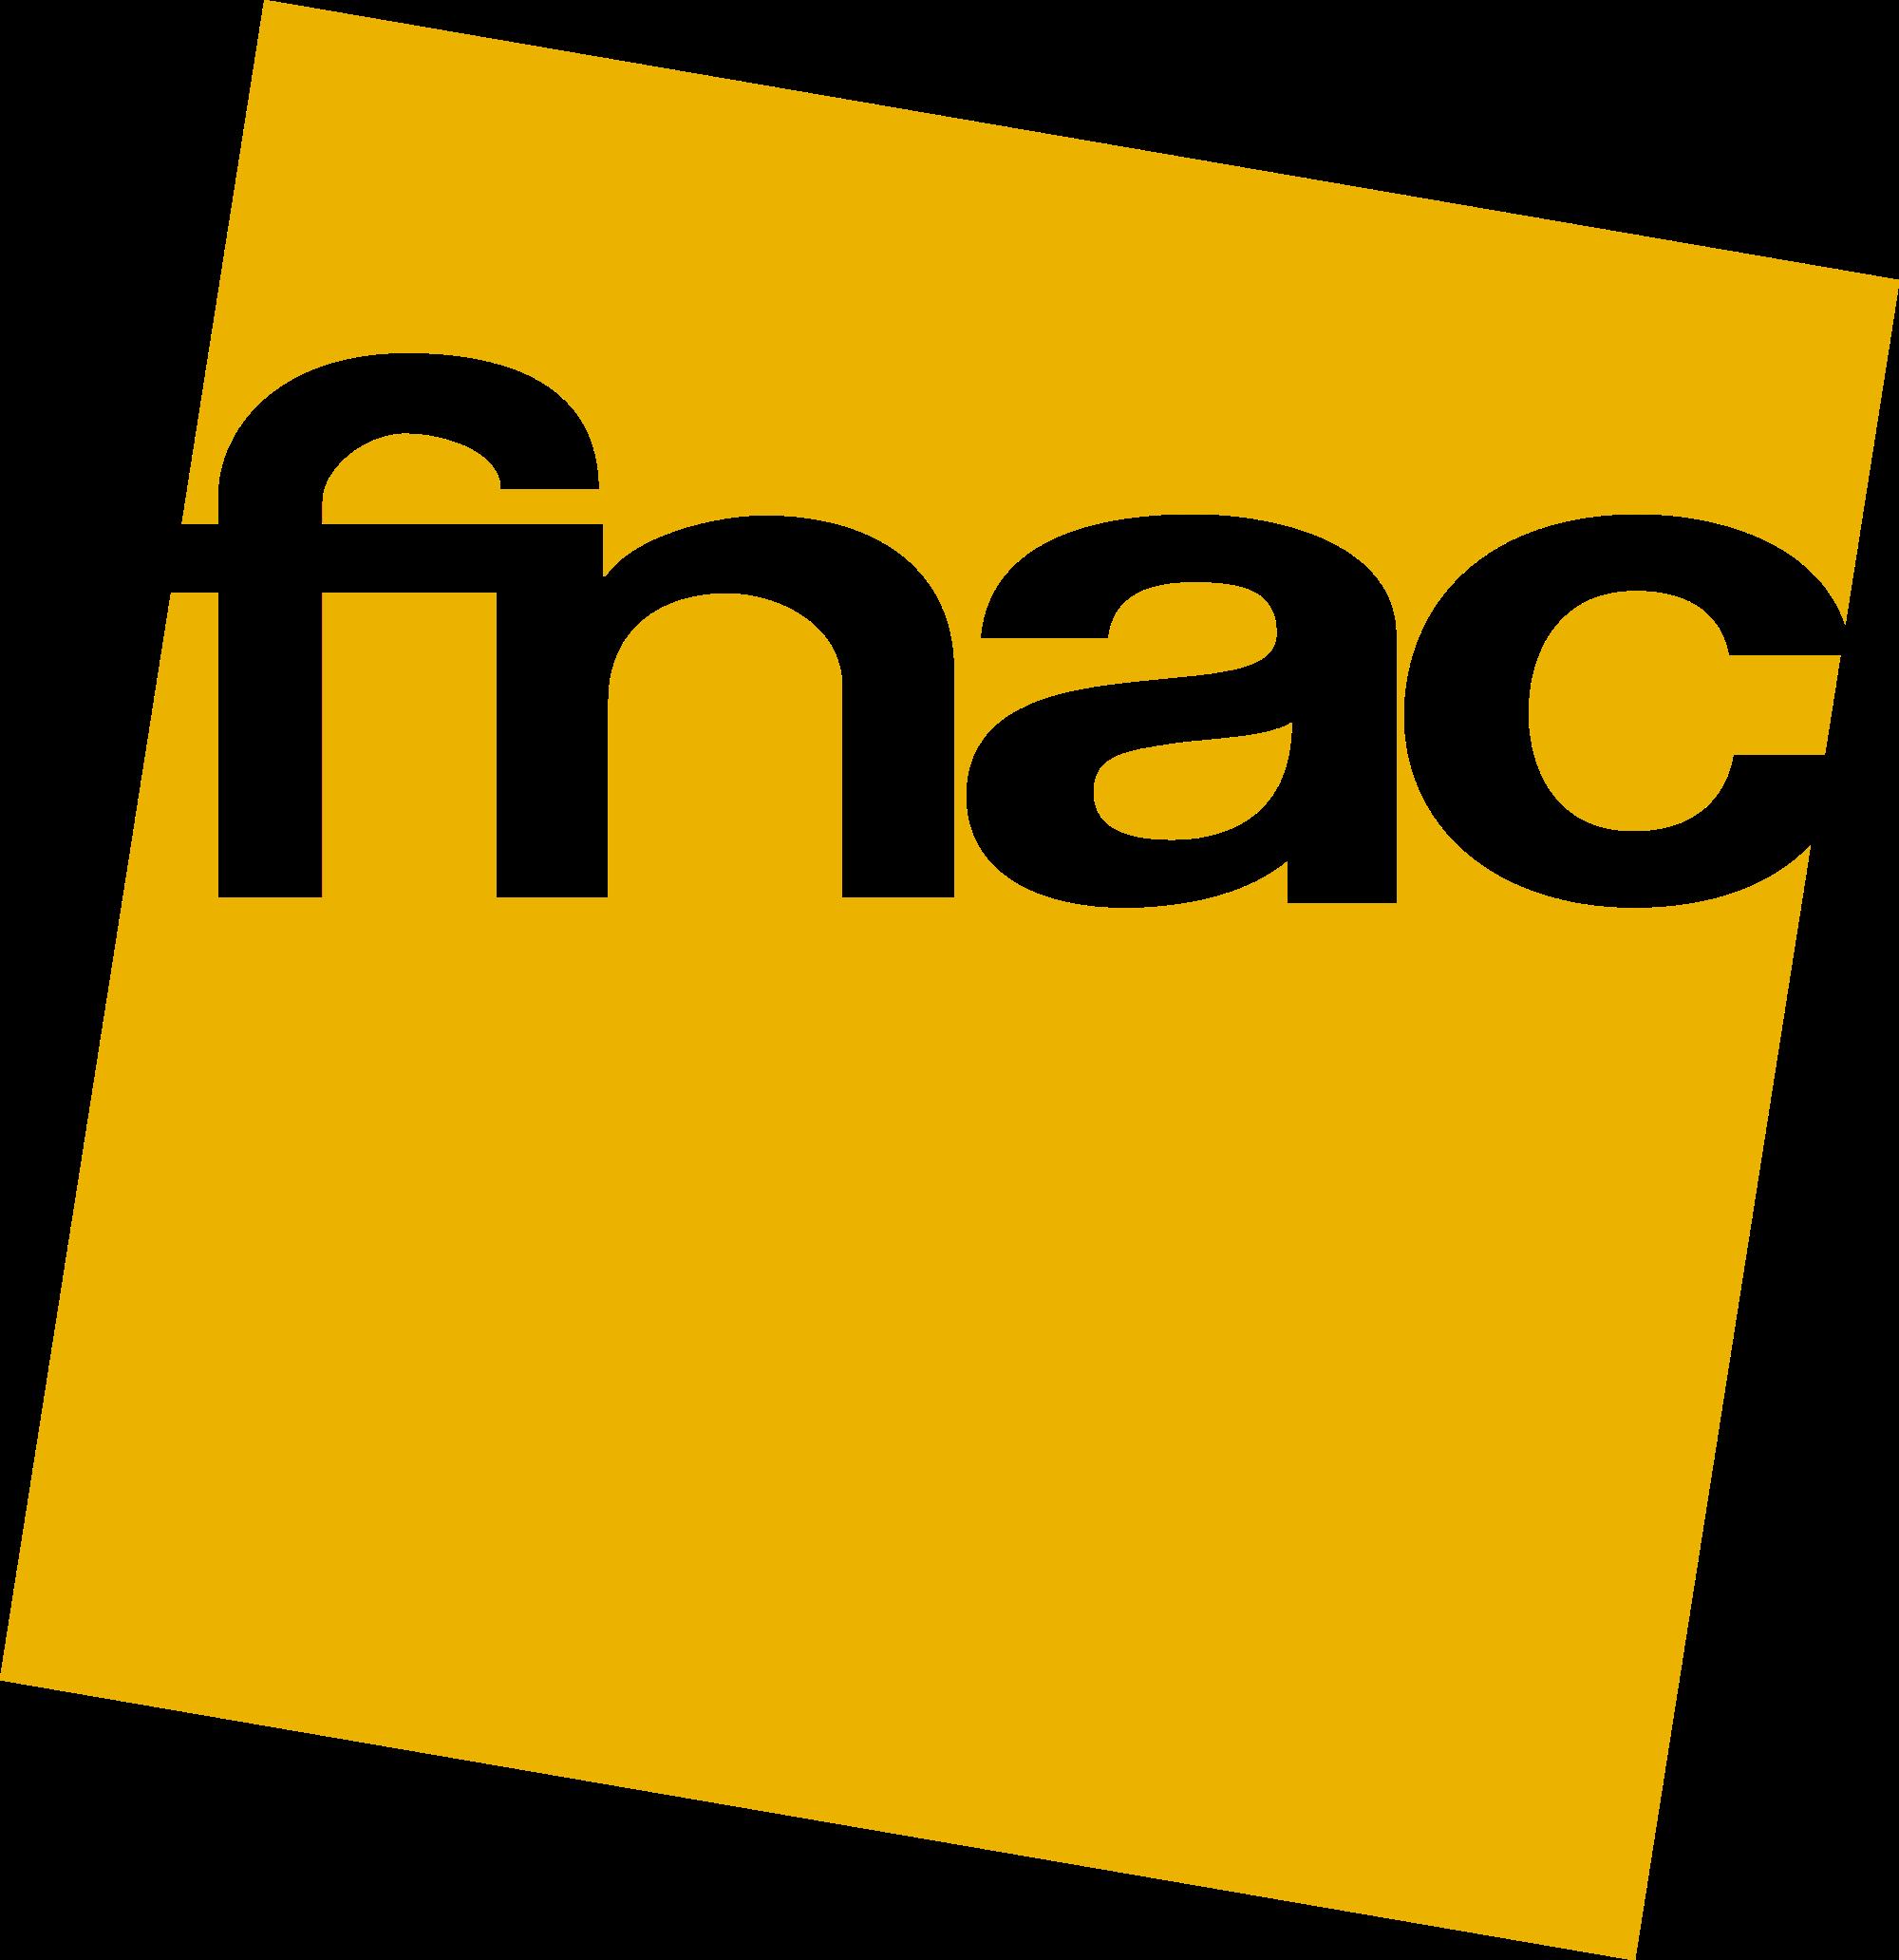 Alle 3 Fnac kortingscodes geldig in mei 2019